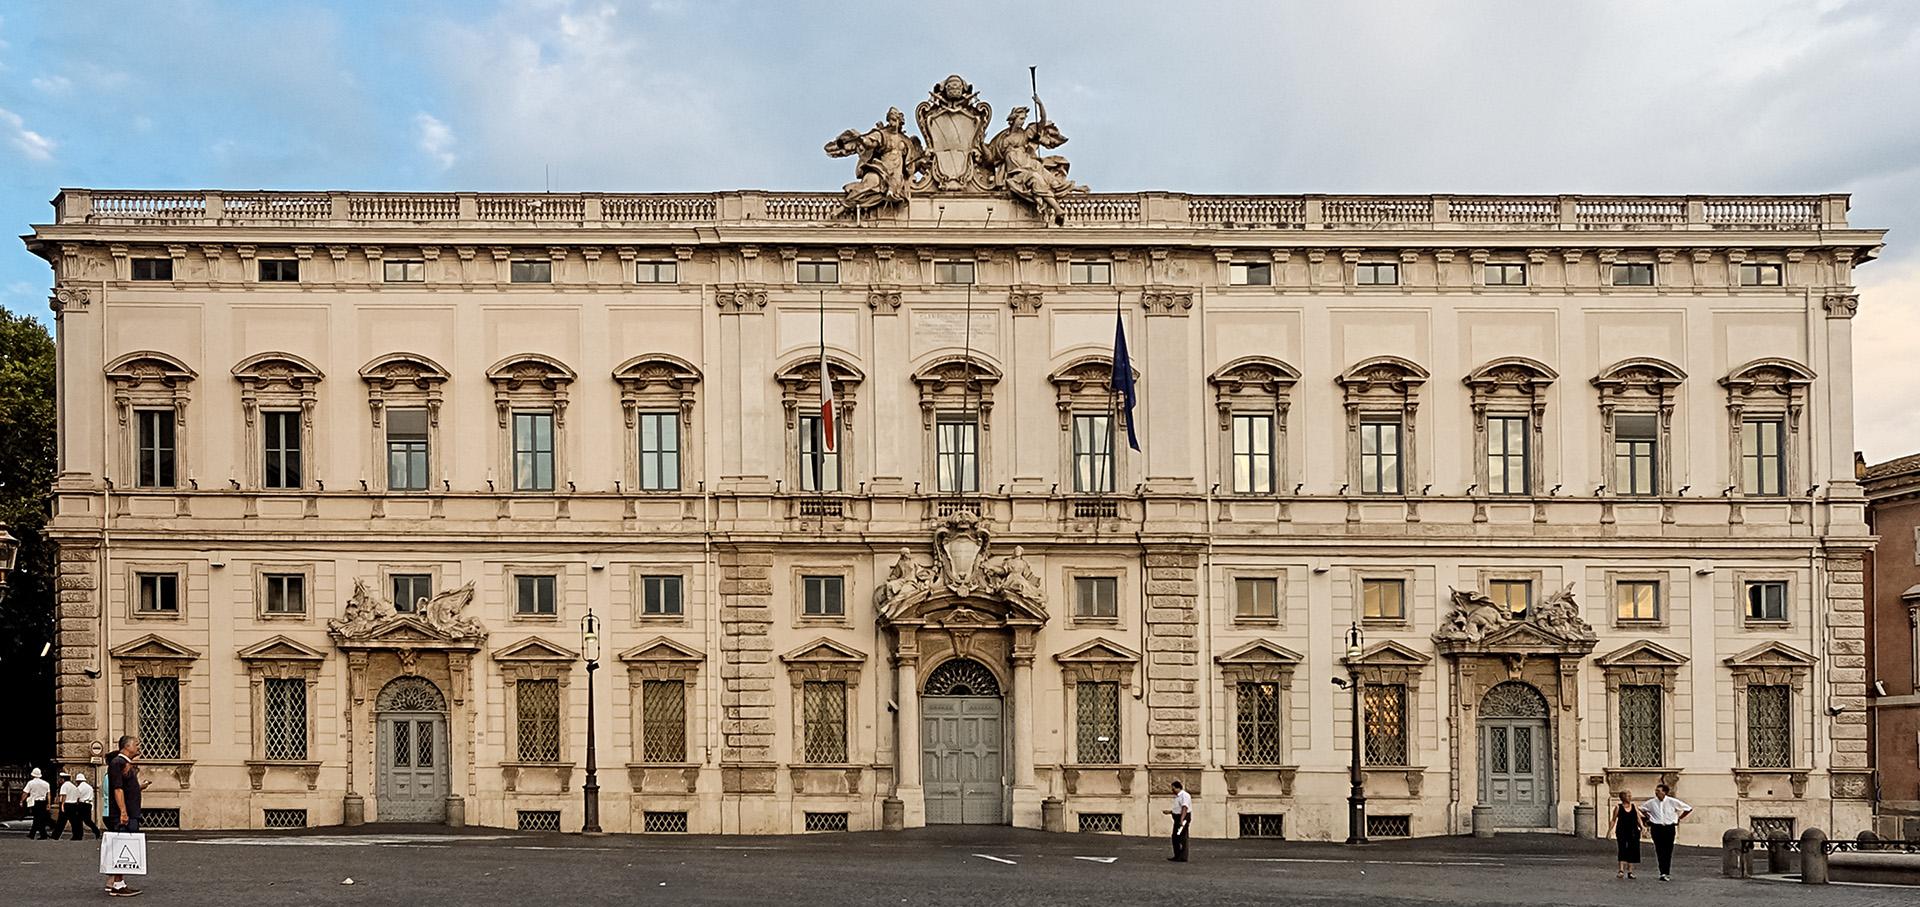 В Италии будет бесплатный вход в некоторые достопримечательности